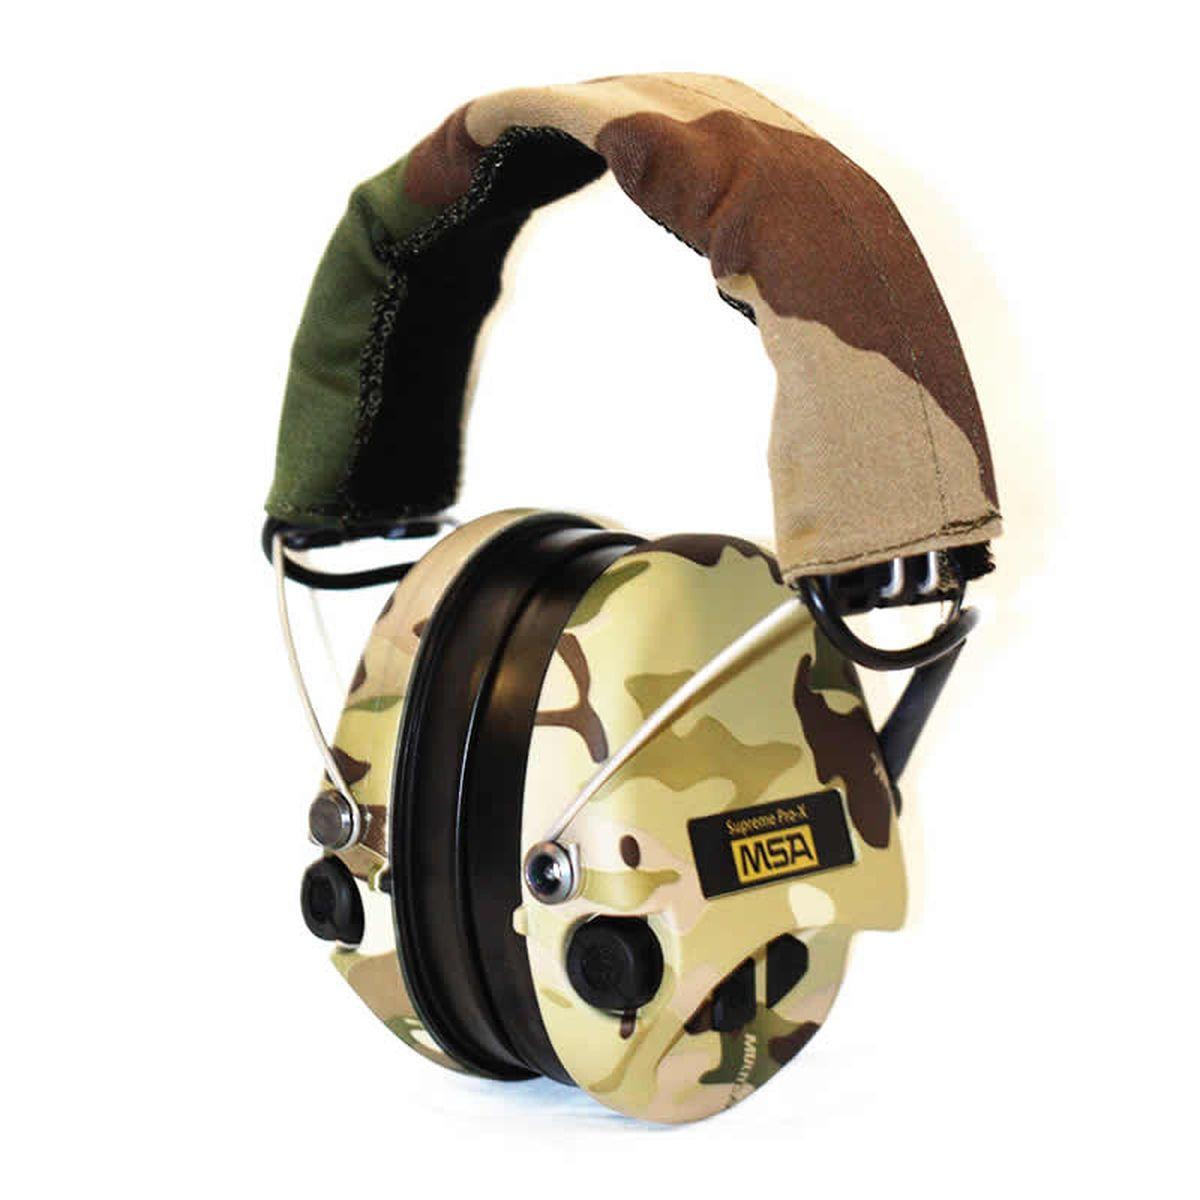 """Активные наушники шведской фирмы MSA Sоrdin """"Supreme Pro X LED"""" - это мировая новинка в области электронной защиты слуха и прекрасное решение для охоты и спортивной стрельбы. Данная модель наушников укомплектована гелиевыми амбушюрами и имеет встроенный фонарик. Фонарик активируется одновременным нажатием кнопок """"+"""" и """"-"""".Противоскользящее покрытие чашек. Идеальный выбор для охотников.  Ветрозащитные стереомикрофоны обеспечивают прослушивание звуковой """"картины"""" на 360 градусов, что позволяет ориентироваться на звук. Самые слабые шумы окружающей среды могут усиливаться активной электроникой в 4 раза.При стрельбе глушение шума составляет около одной секунды (0,8 сек.) и защищает слух от звука и эха выстрела, при этом удар пули отчетливо слышен. Регуляторы громкости большие и расположены очень удобно и доступно, хорошо ощущаются даже в перчатках, что обеспечивает дополнительное удобство в холодную погоду.Наушники снабжены двумя батарейками ААА в защищенном от влаги боксе. Одного комплекта батарей хватает на 600 часов работы. Имеется входной разъем и переходной шнур для подключения радиостанции, дополнительного оборудования и одновременного прослушивания радиоэфира и окружающего звука. Усиление шума до 82 dB, и погашение звука выстрела до 27 dB. Модель складная. Соединительная дуга выполнена из высокопрочной пружинной стали, прекрасно выдерживает нагрузки кручения, излома и имеет удобную регулировку. Автоматическое выключение через 4 часа после включения или последней настройки"""